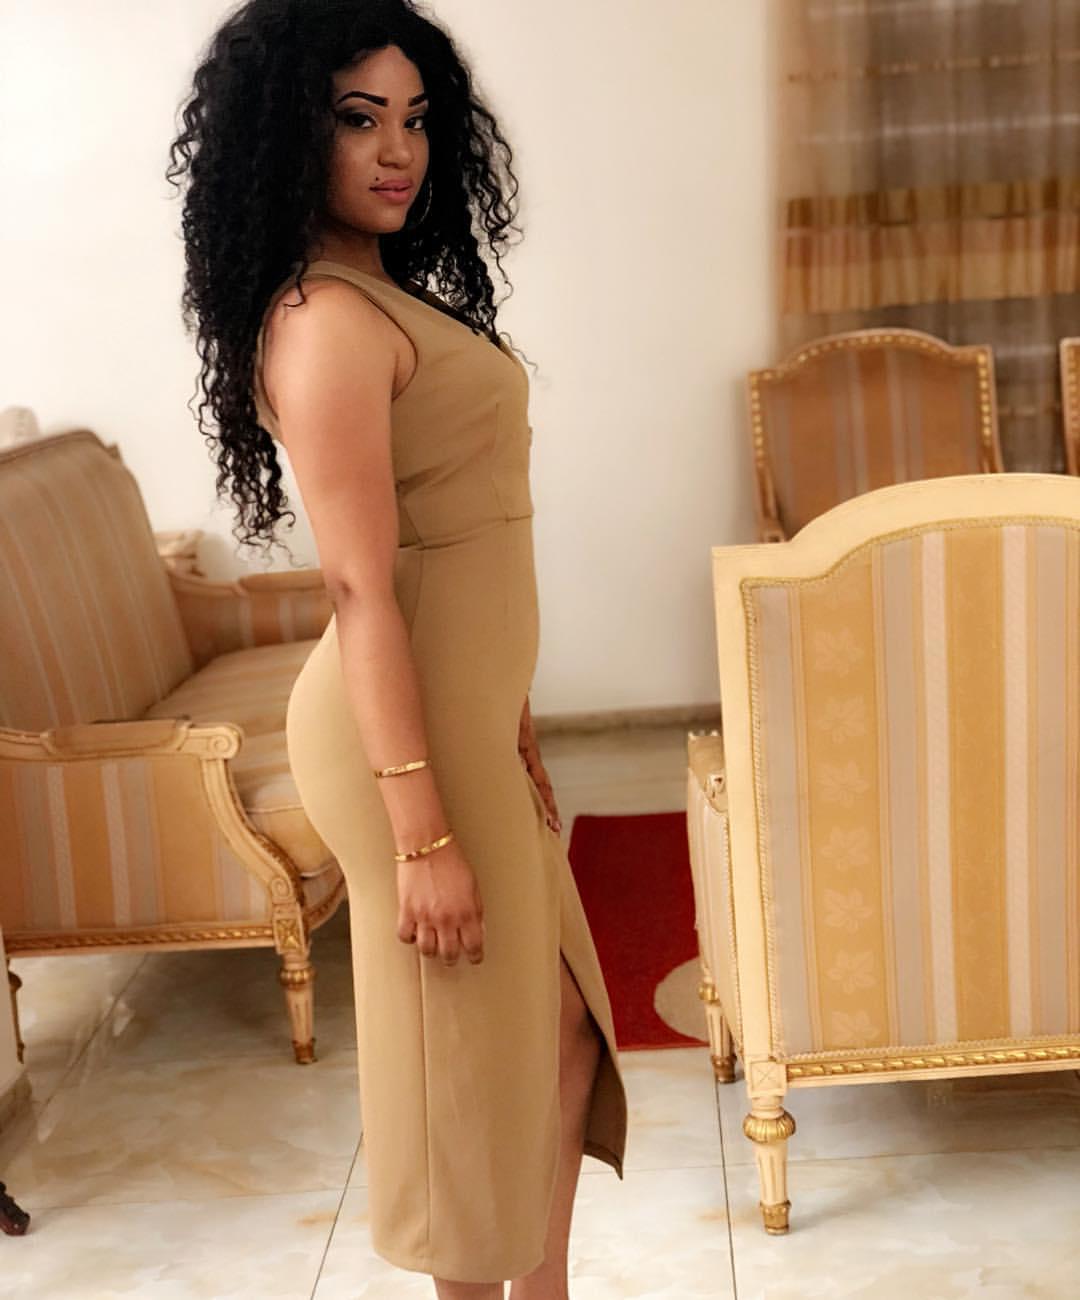 PHOTOS - Dégradé osé, Léna Guèye, l'ex de Balla Gaye, montre ses belles courbes sur les réseaux sociaux